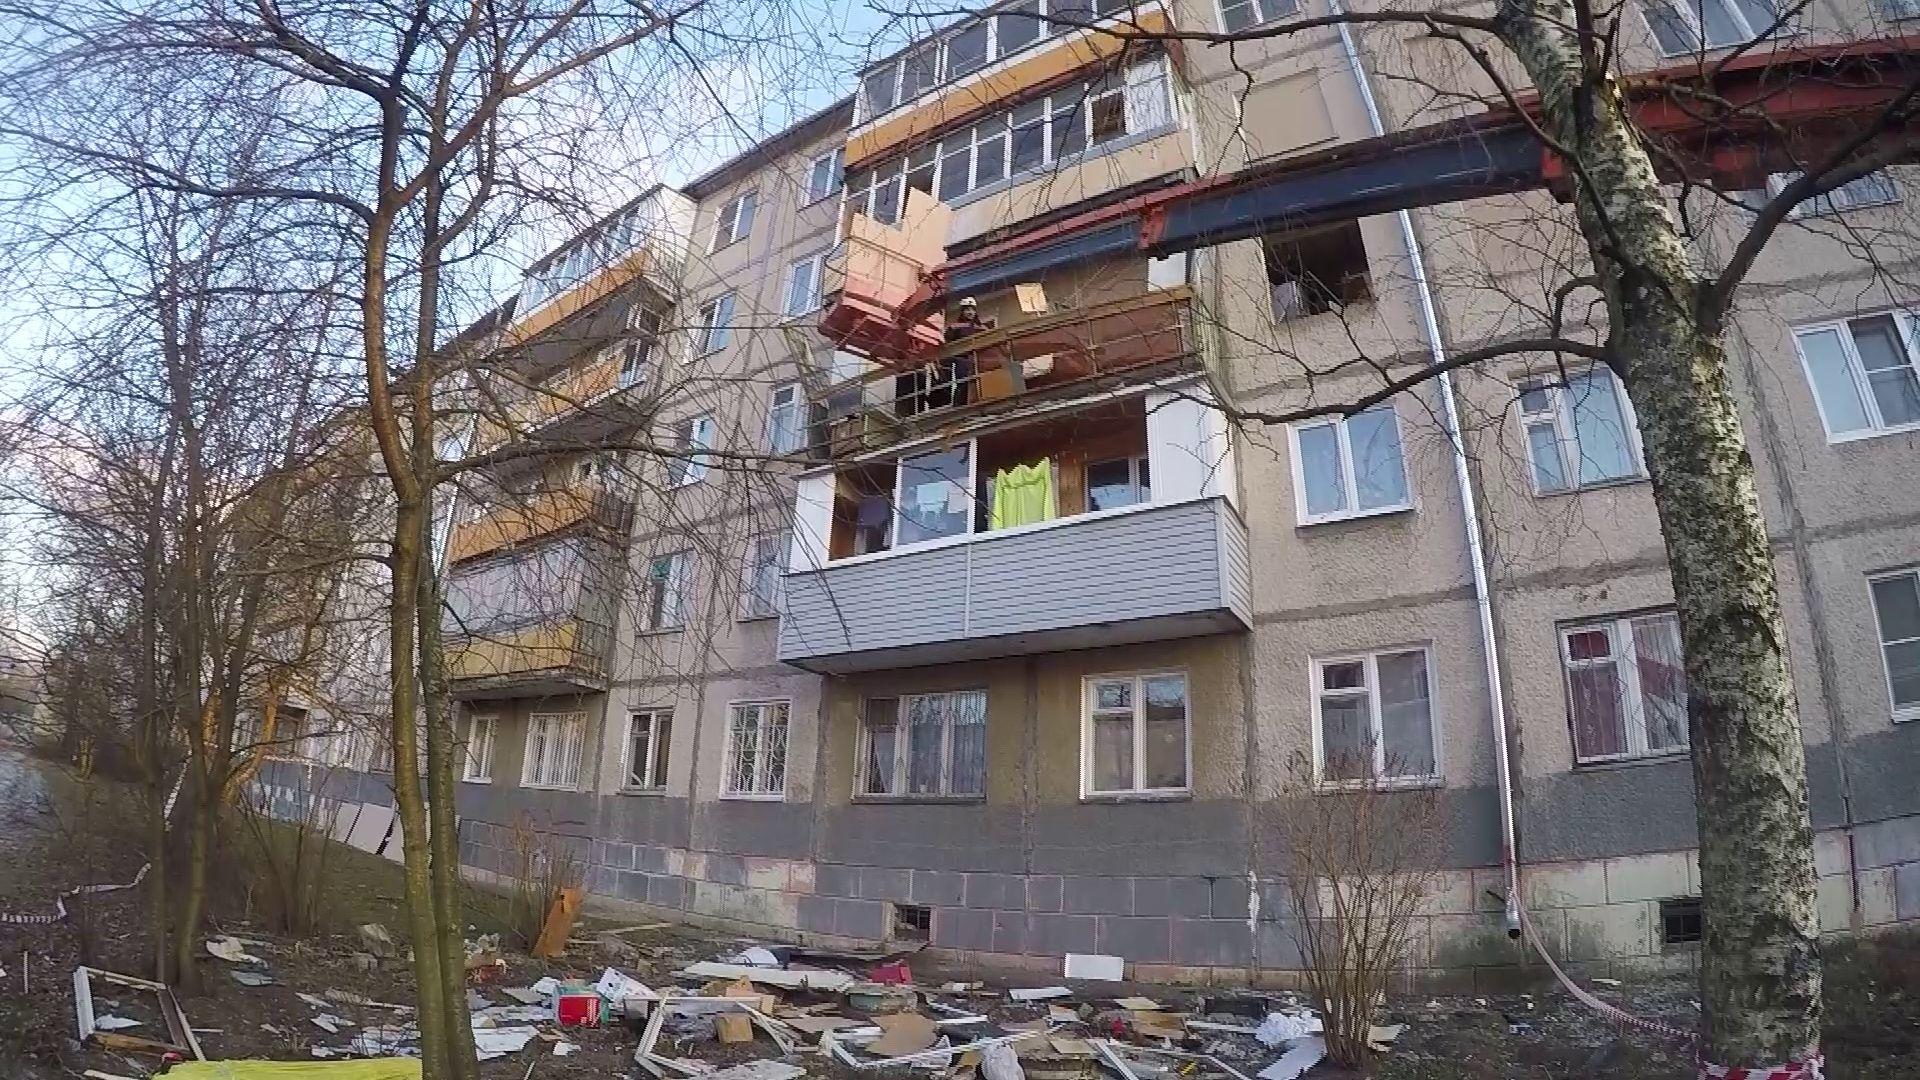 Жители дома в Ярославле, где взорвался газ, рассказали о событиях той ночи